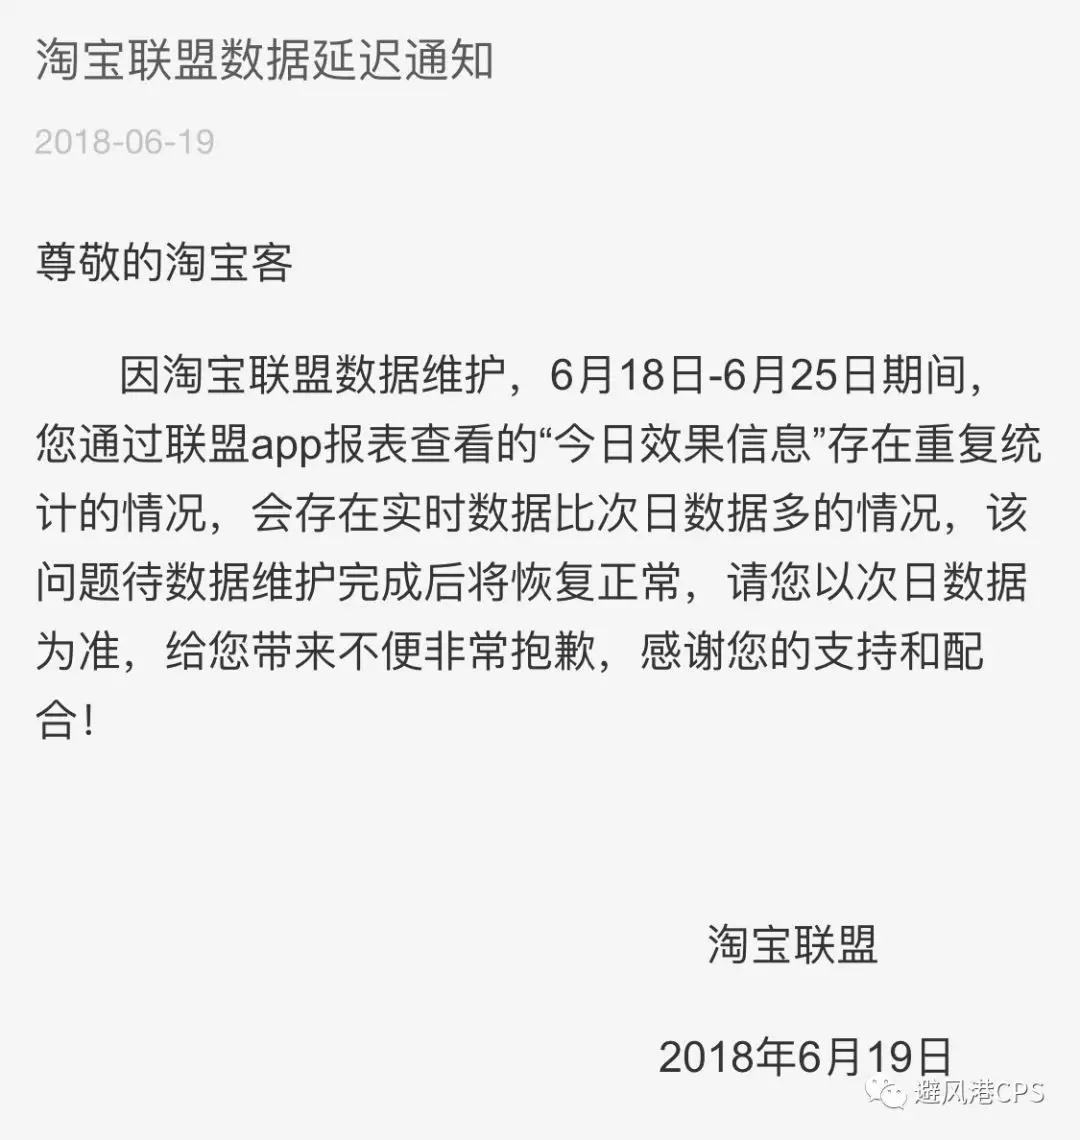 淘宝联盟APP数据延迟通知,拉新奖励明日发放